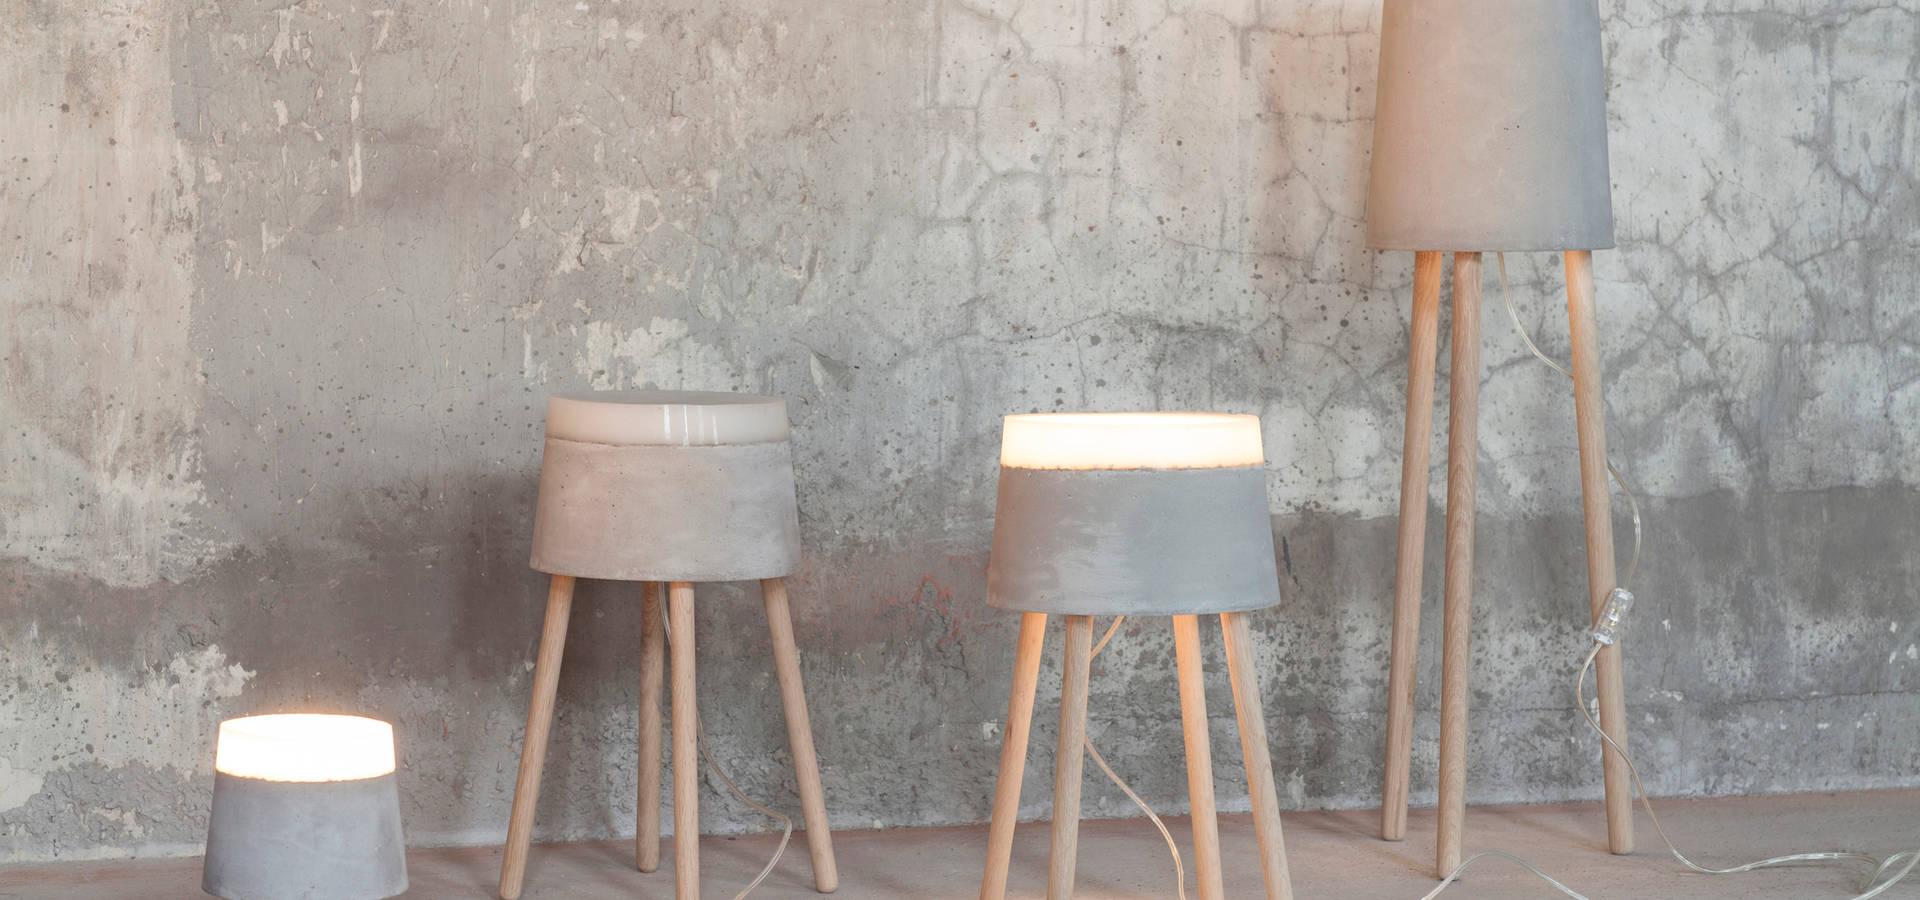 RENATE VOS product & interior design